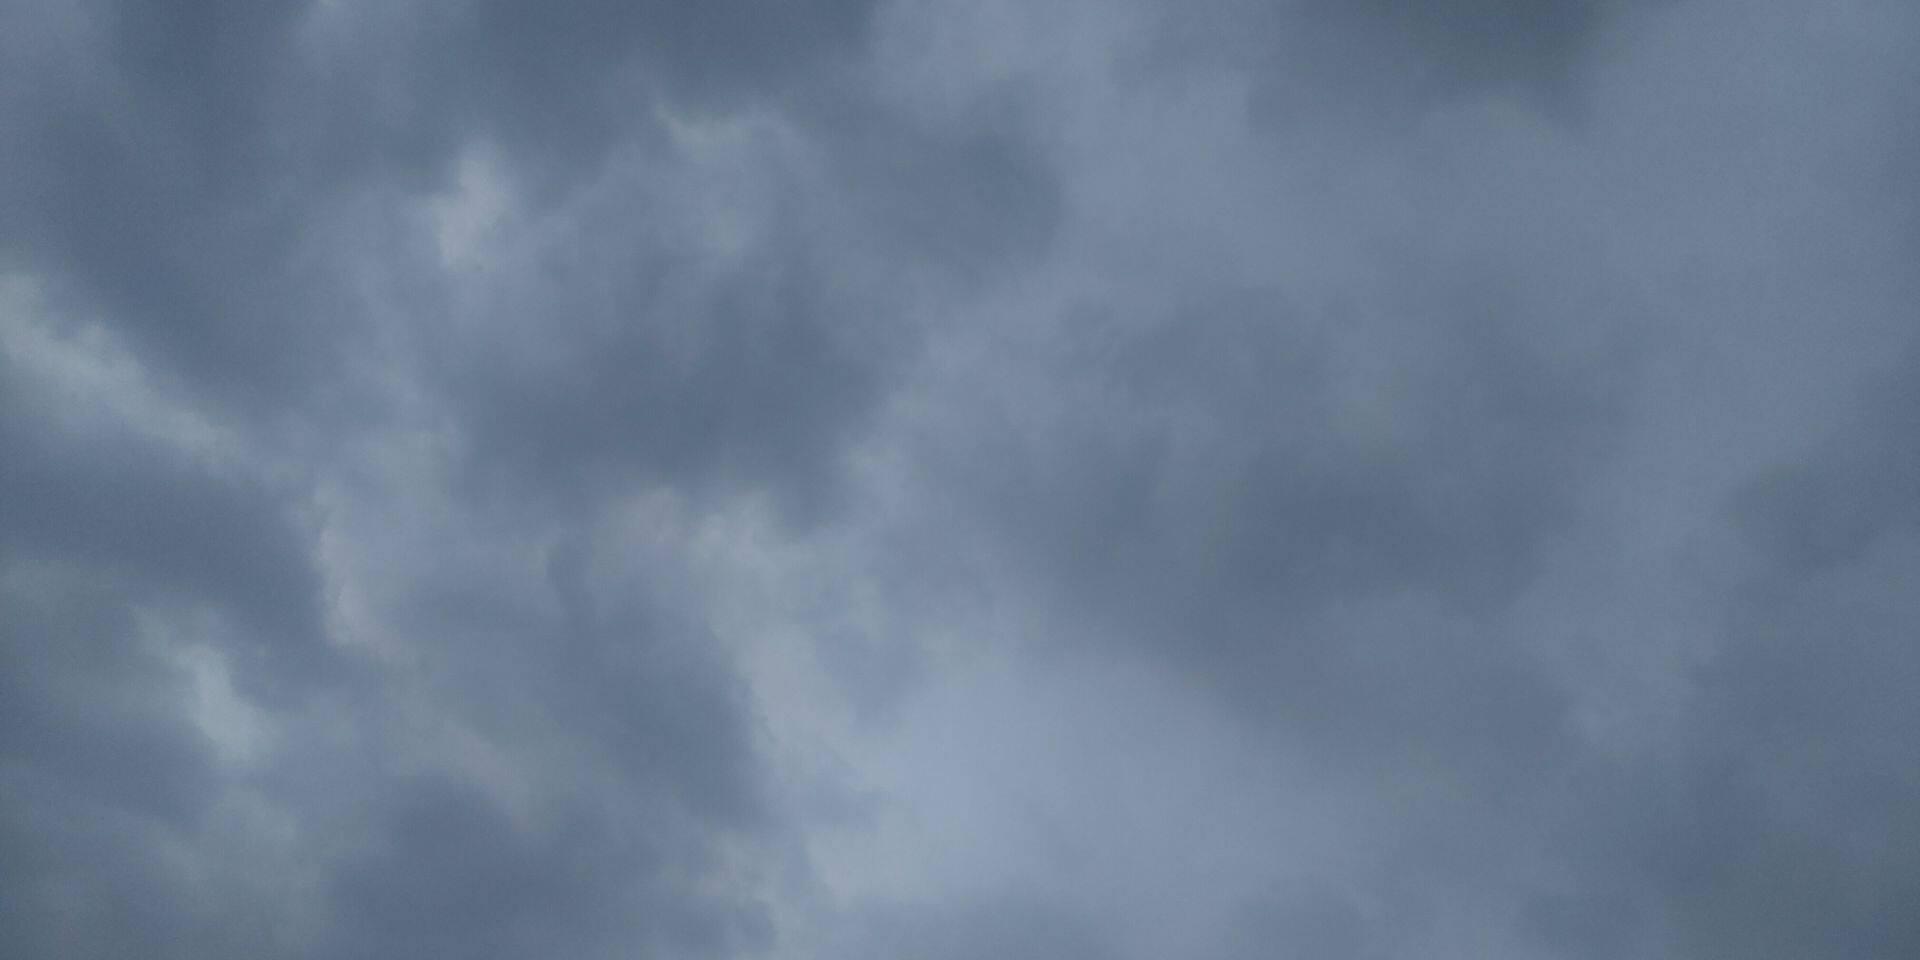 Météo: une Fête du travail sous la grisaille mais pas sous les gouttes